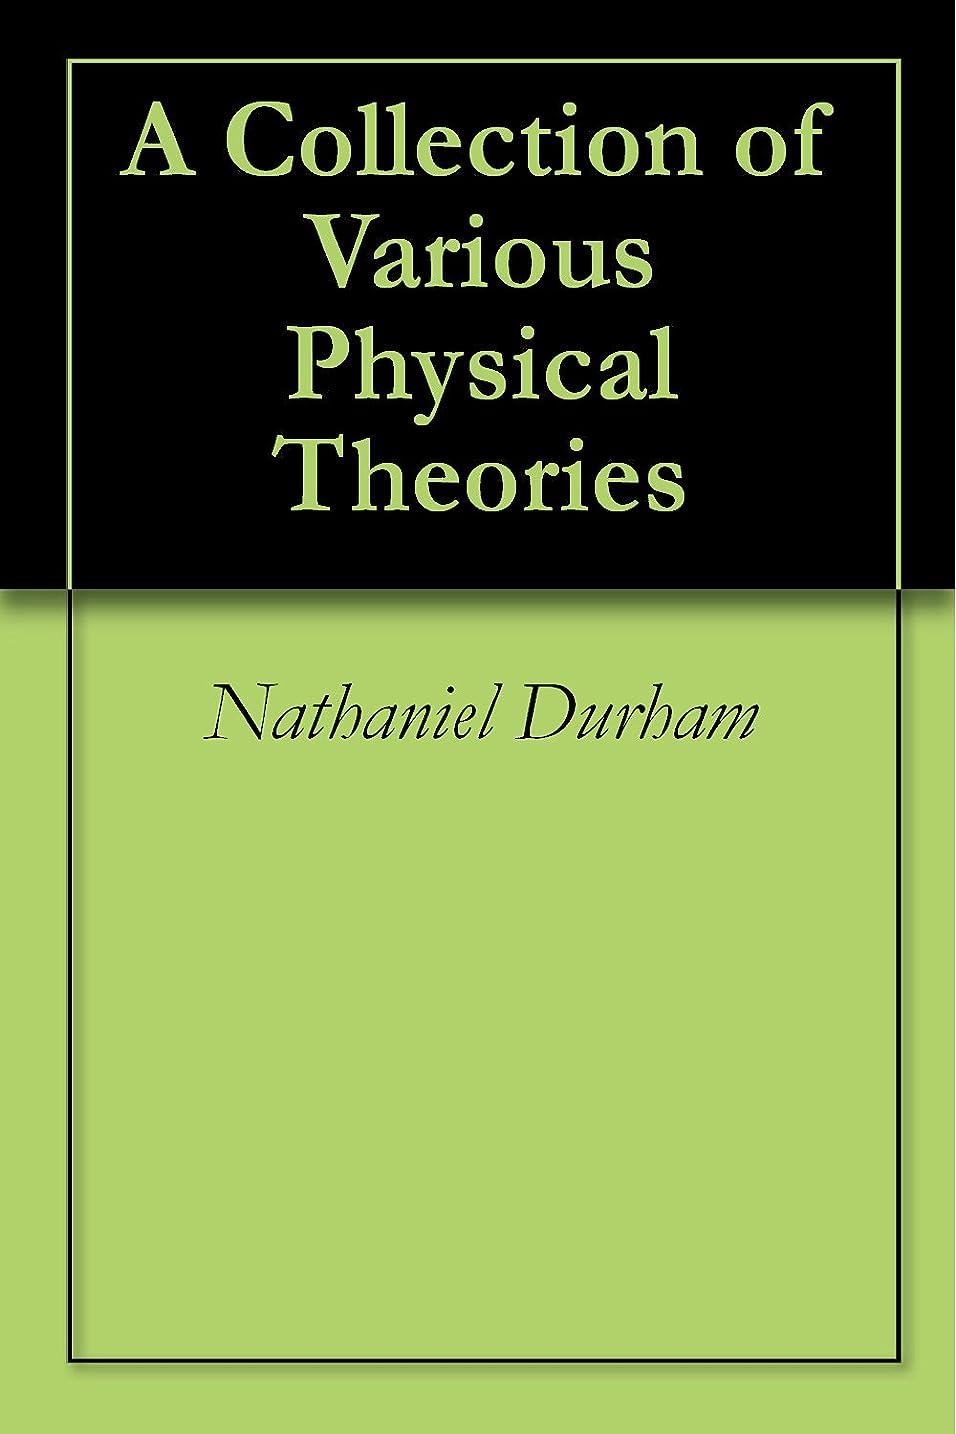 欠席無意識火炎A Collection of Various Physical Theories (English Edition)